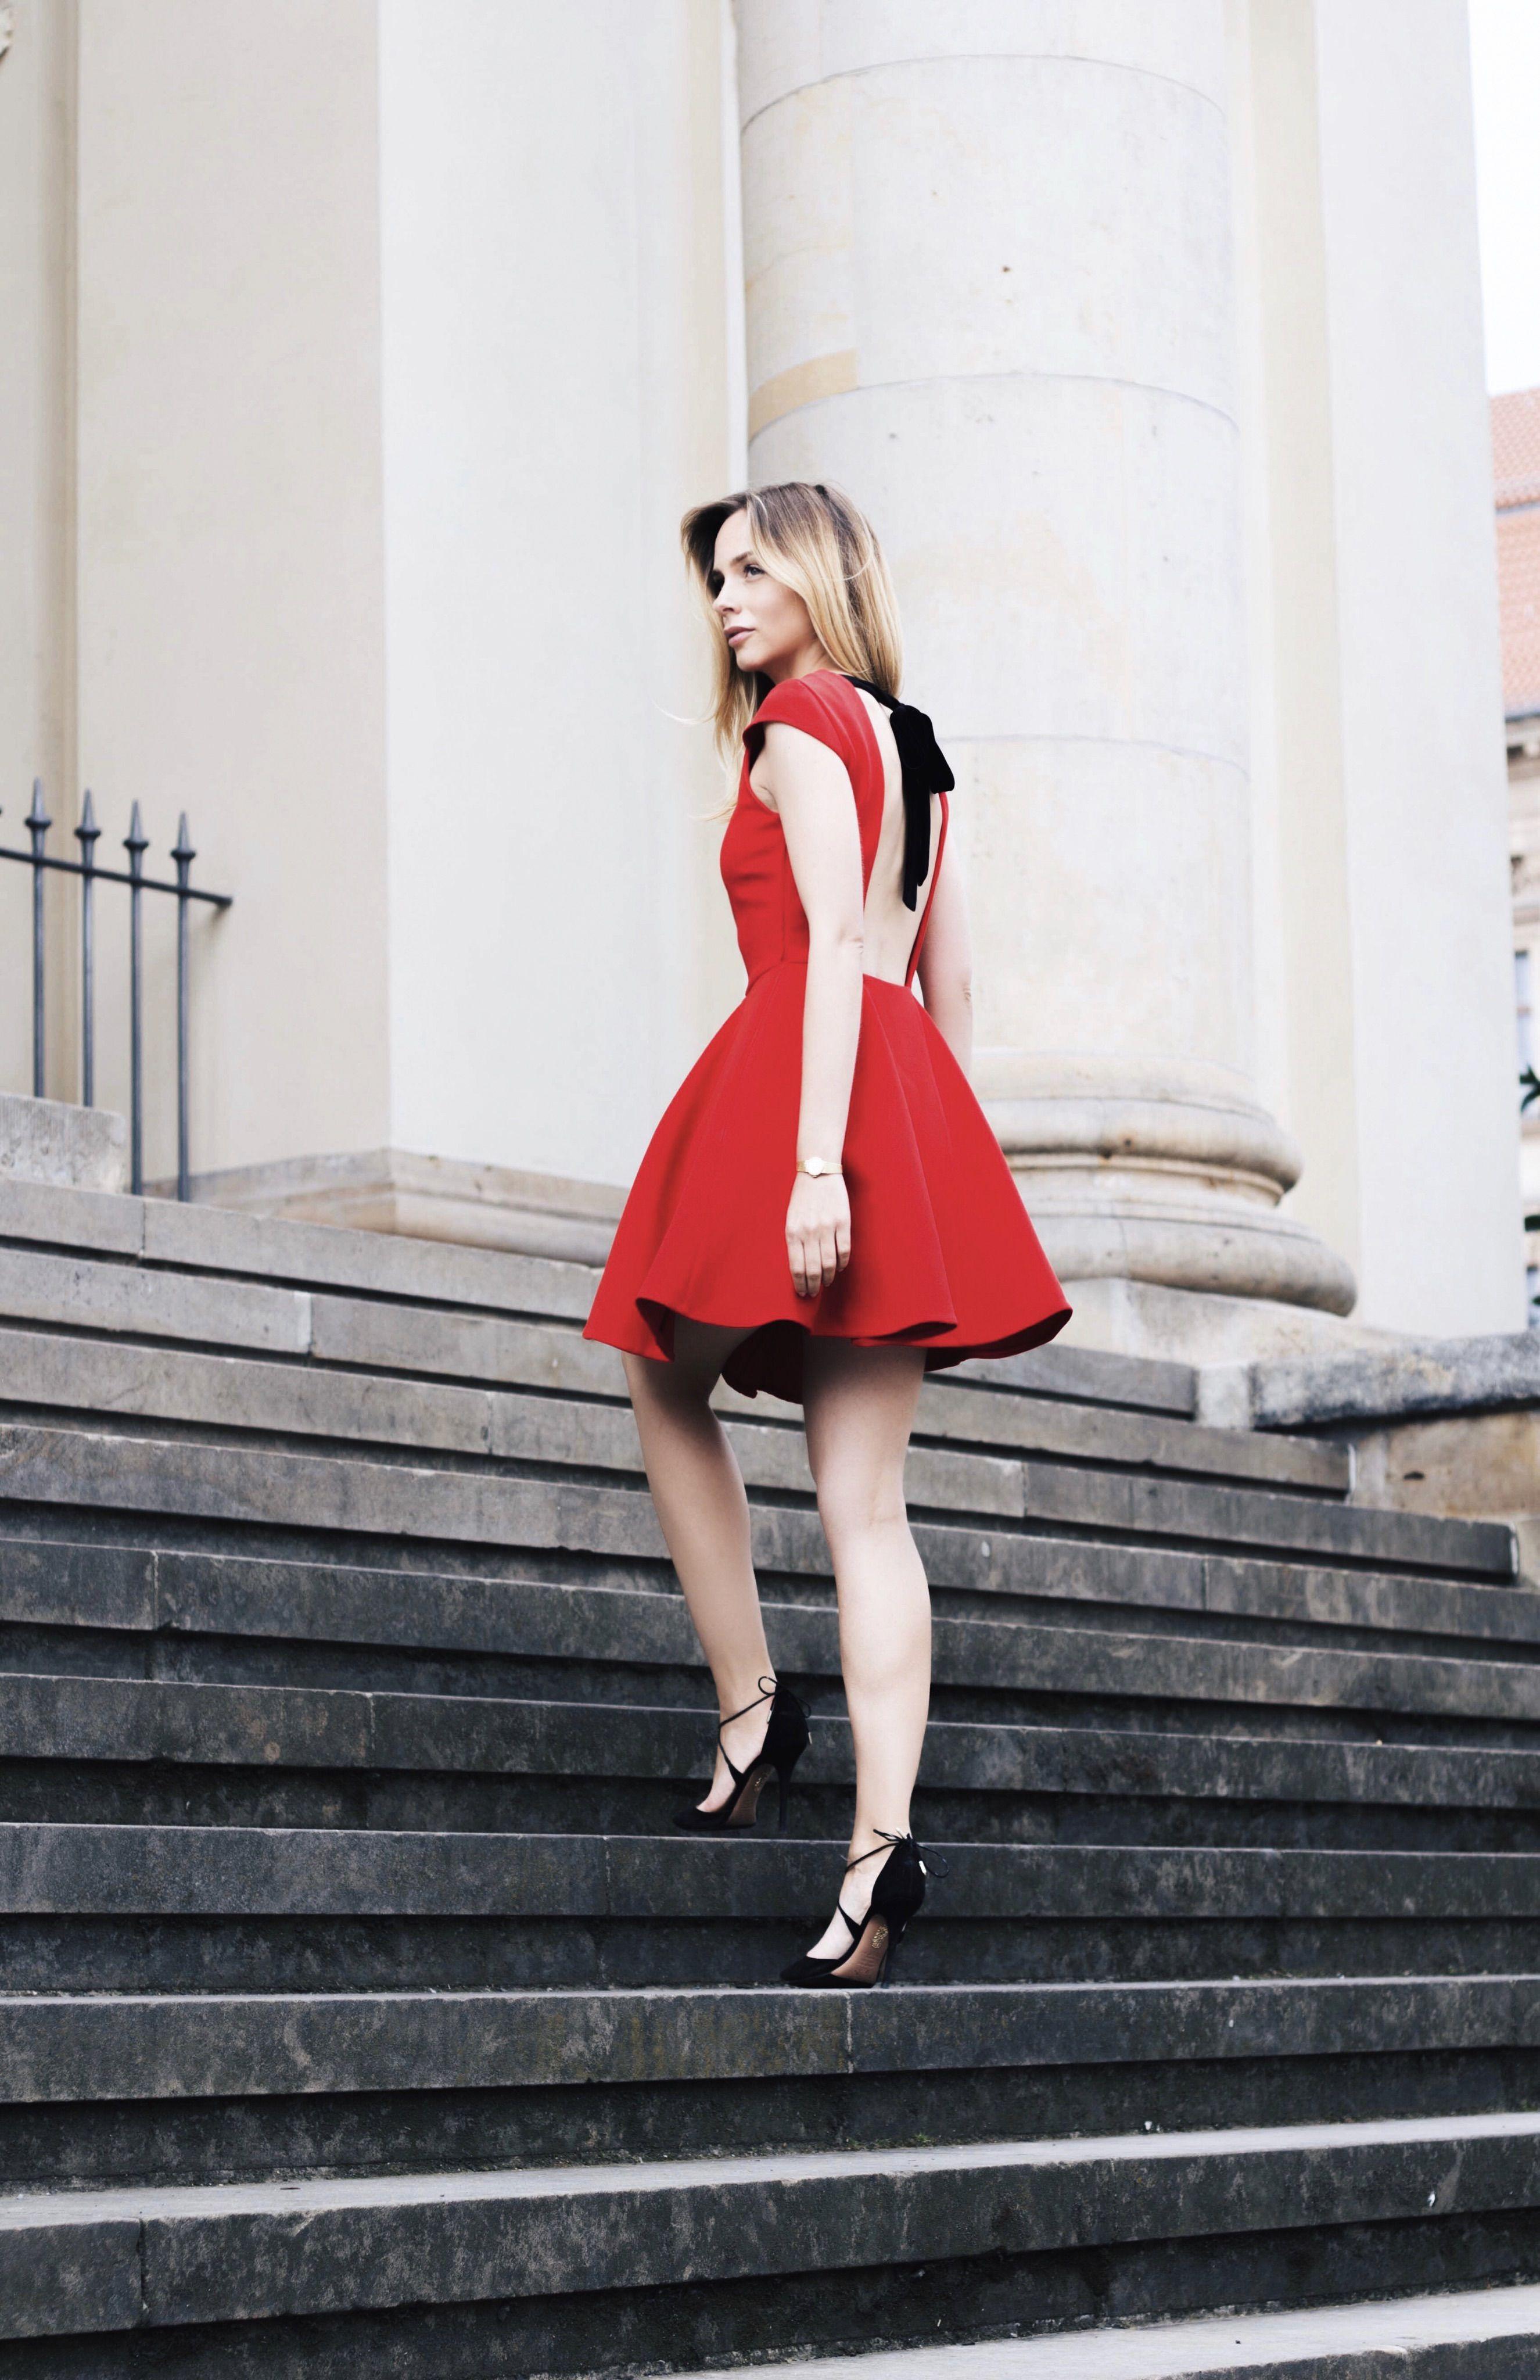 8072fb04dd3 OOTD - Miu Miu red a-line dress, Aquazzura pumps. www.louisa-maureen ...